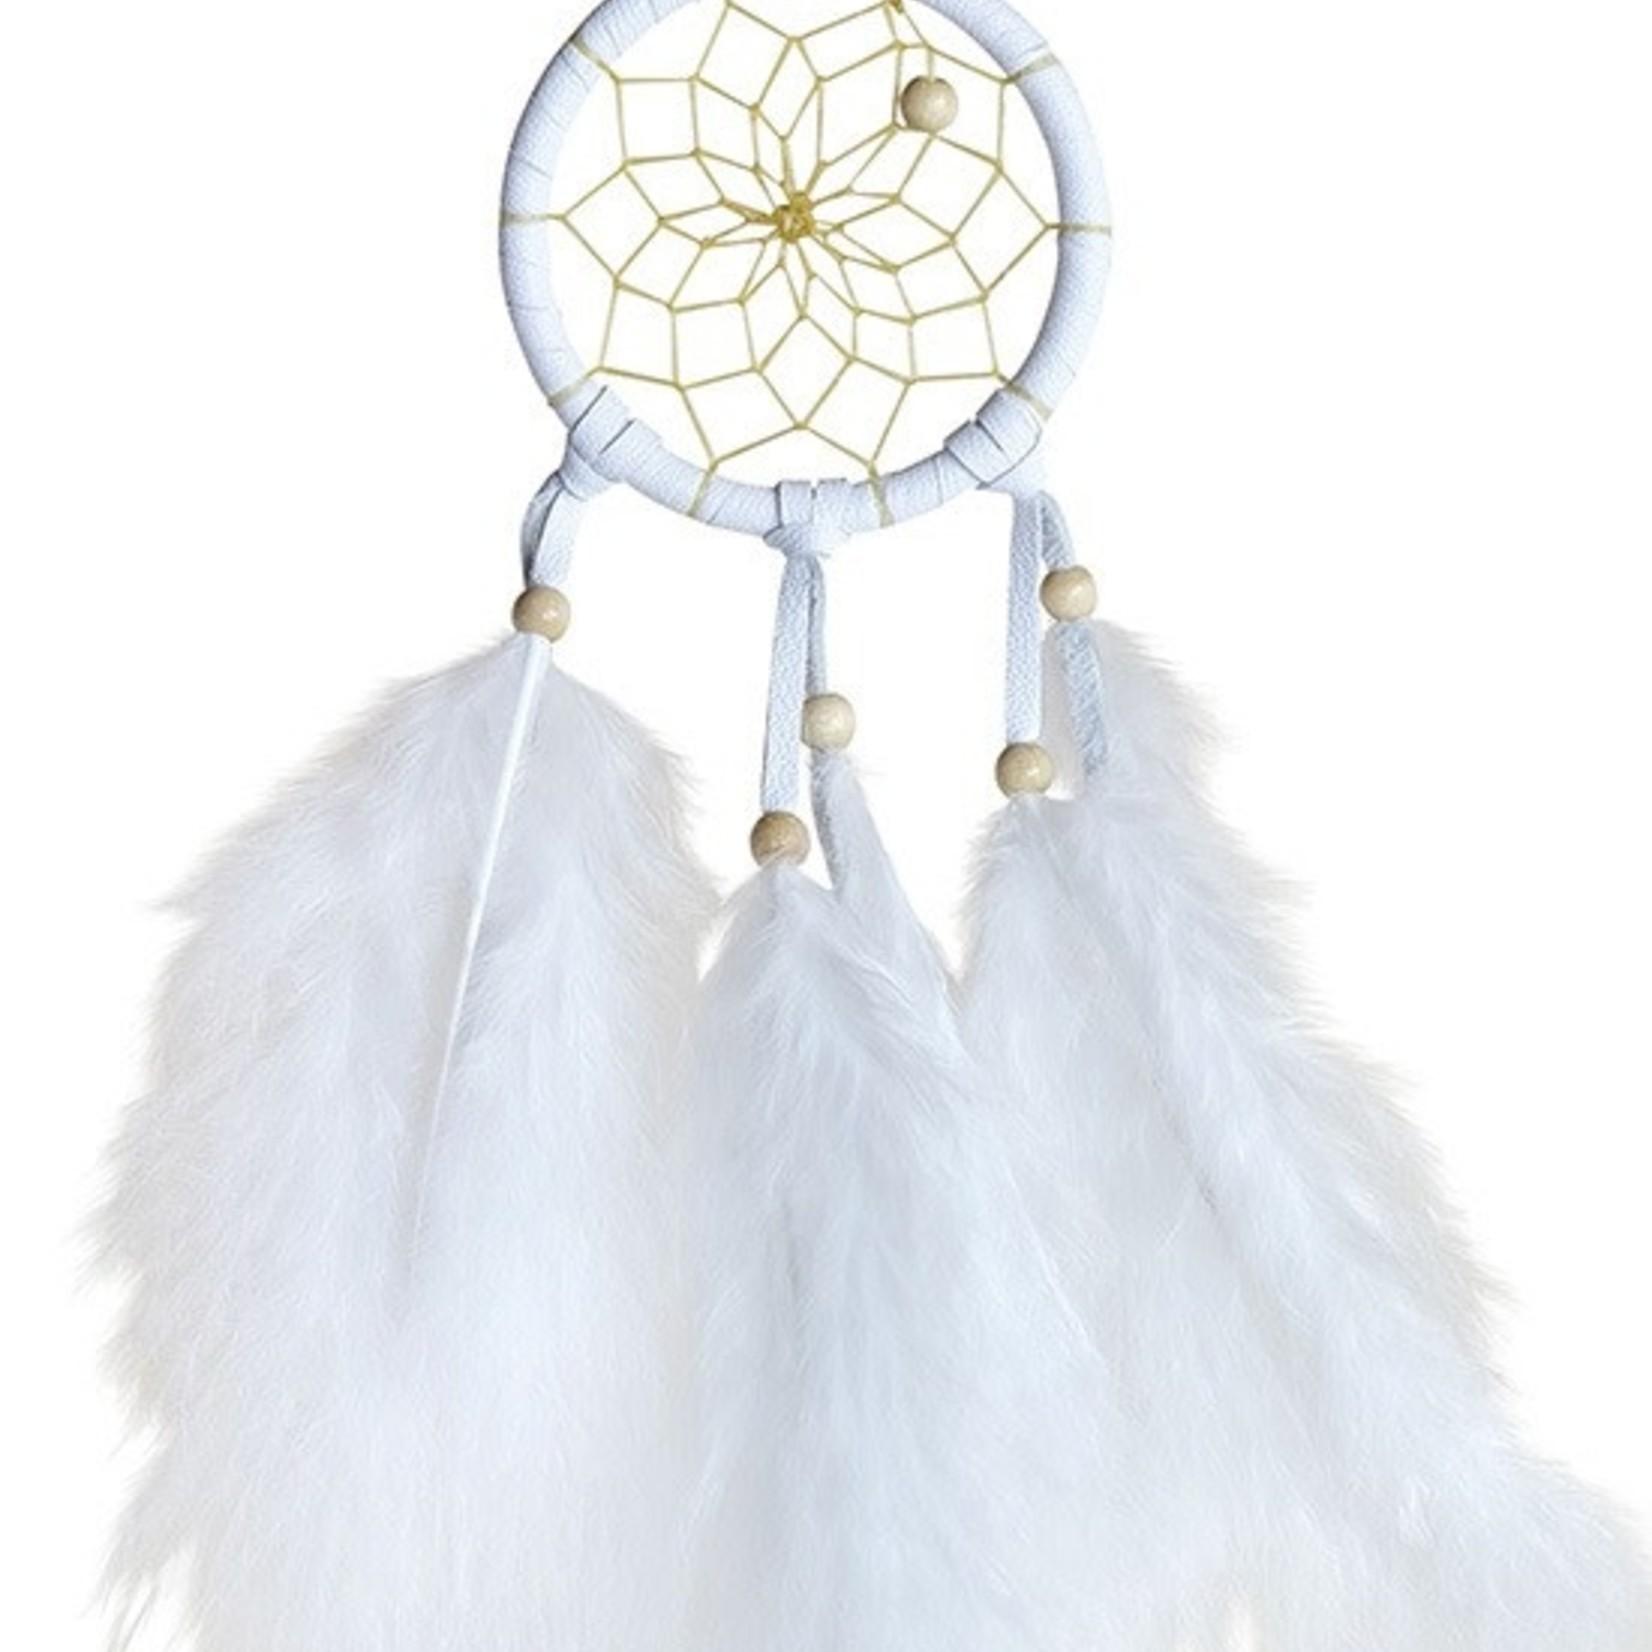 Dream Catcher White Mini